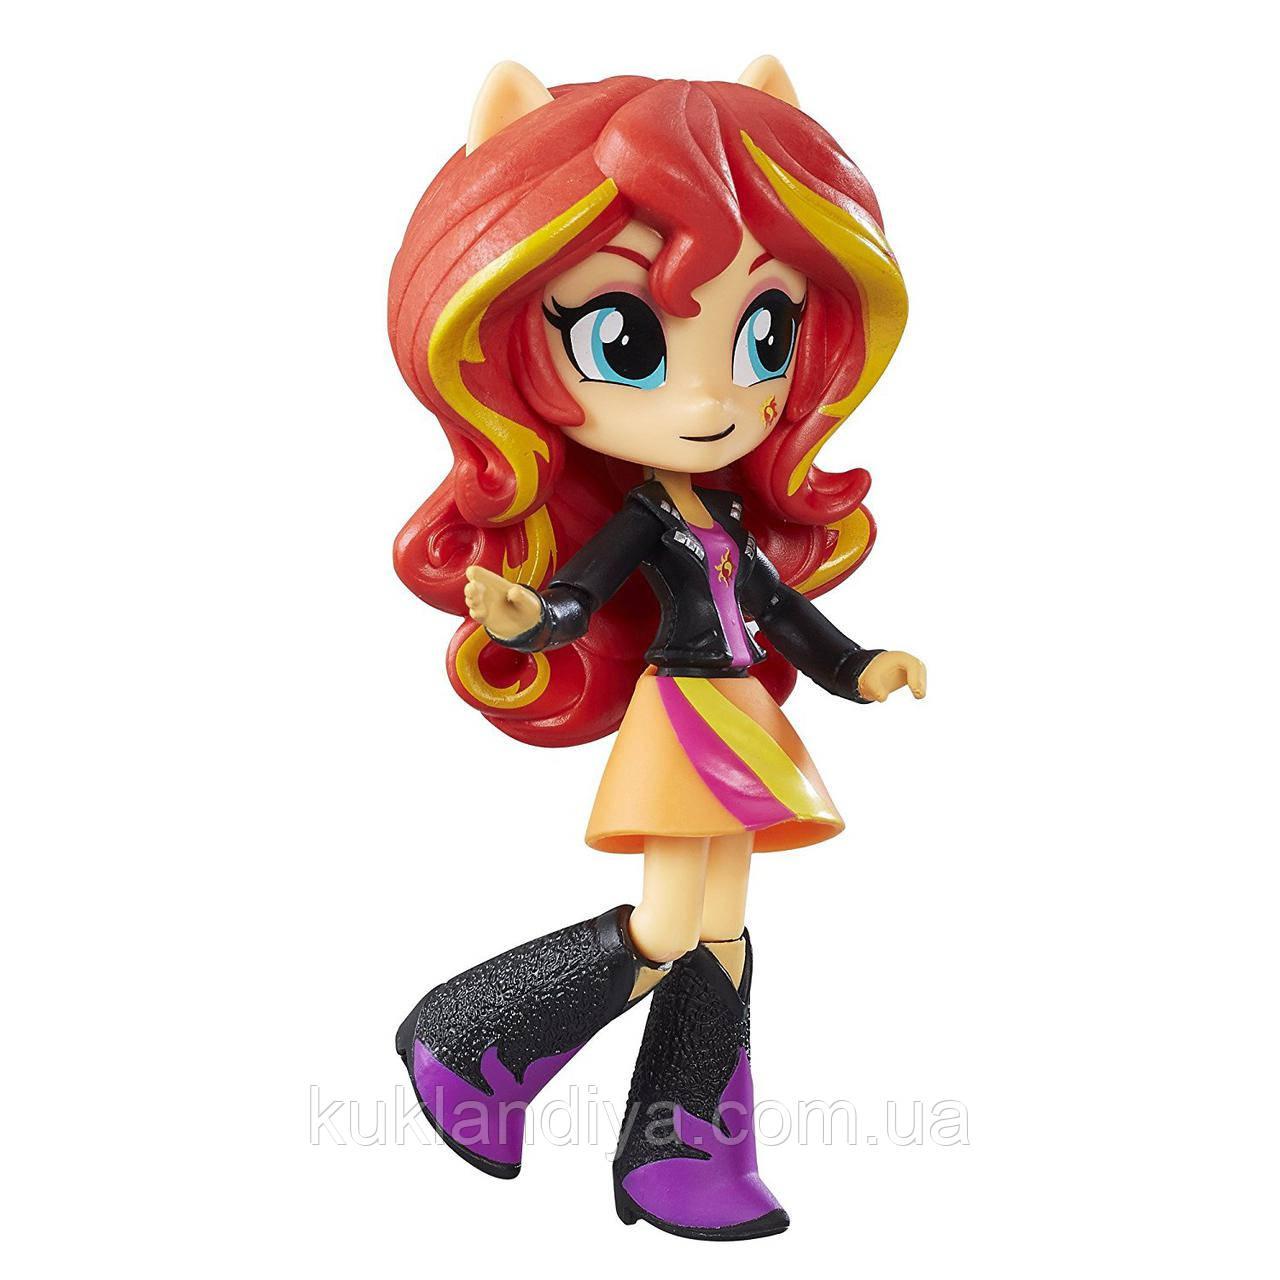 Кукла  минис My Little Pony Сансет Шиммер